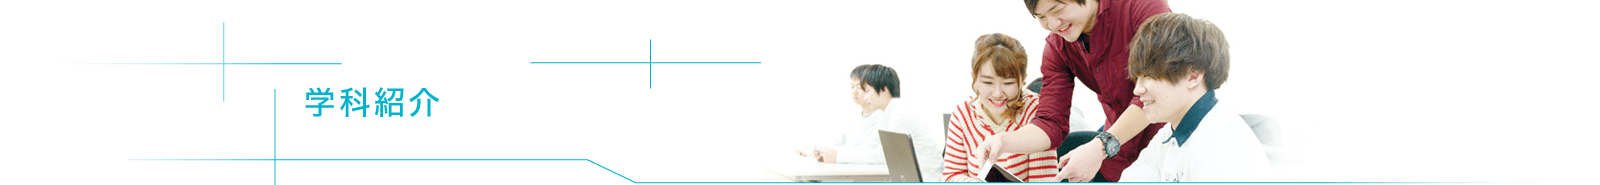 新潟高度情報専門学校 デジタルデザイン科